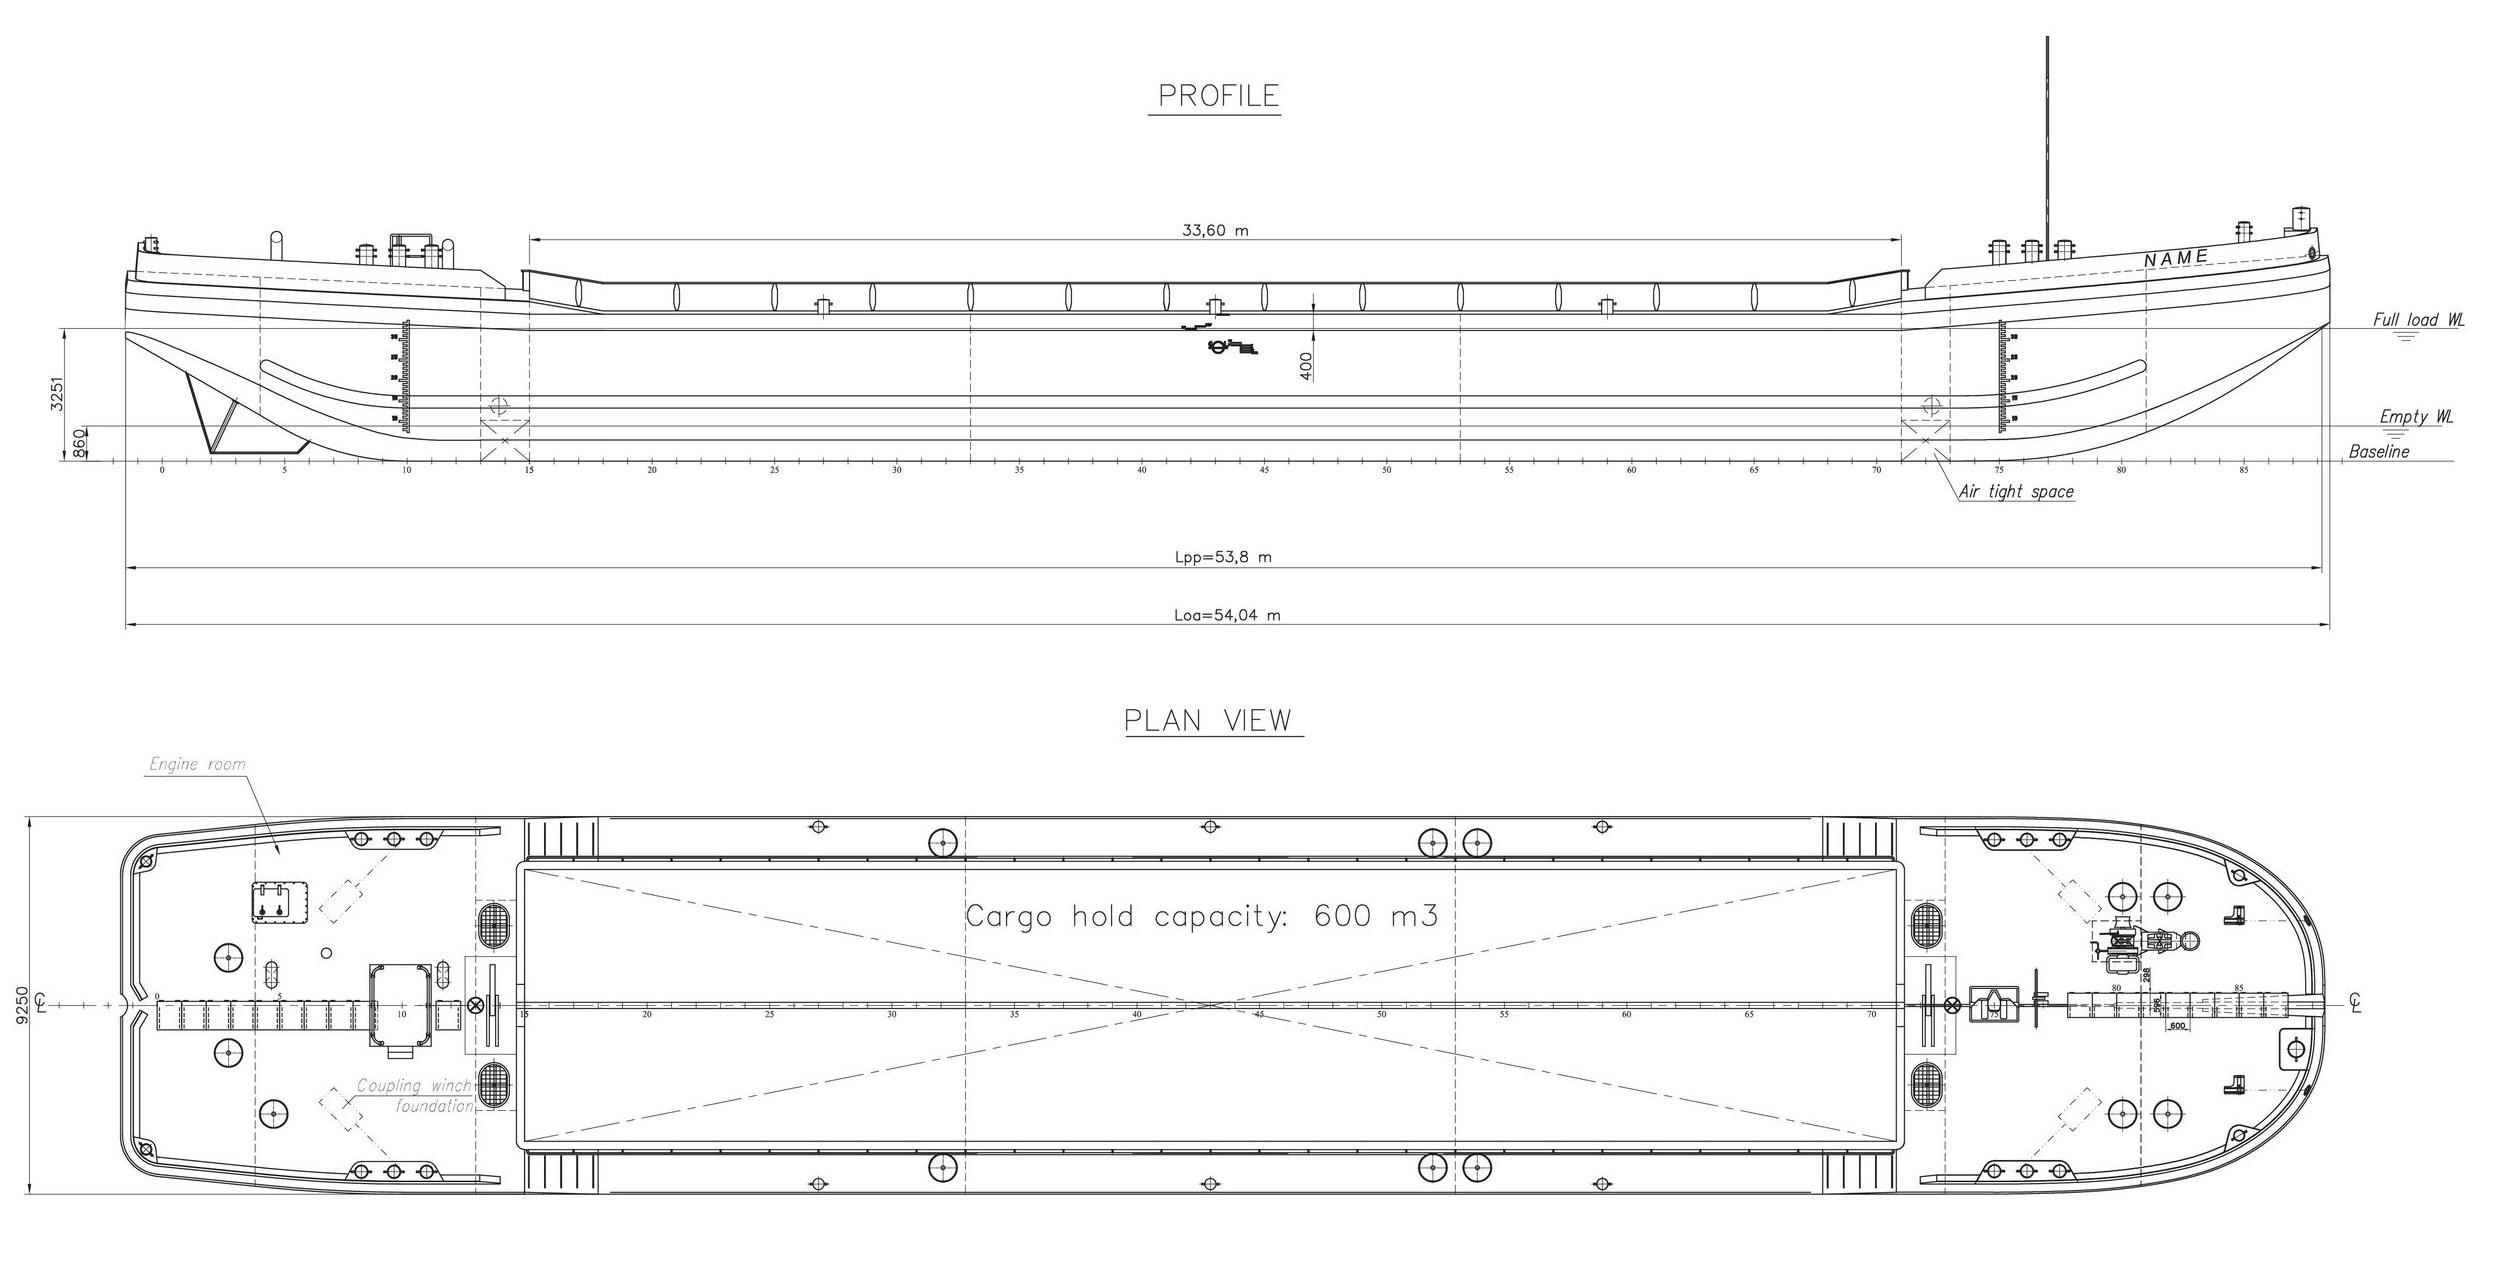 Splitbarge GDV-3500 Rev02 600m3 SB General arrangement